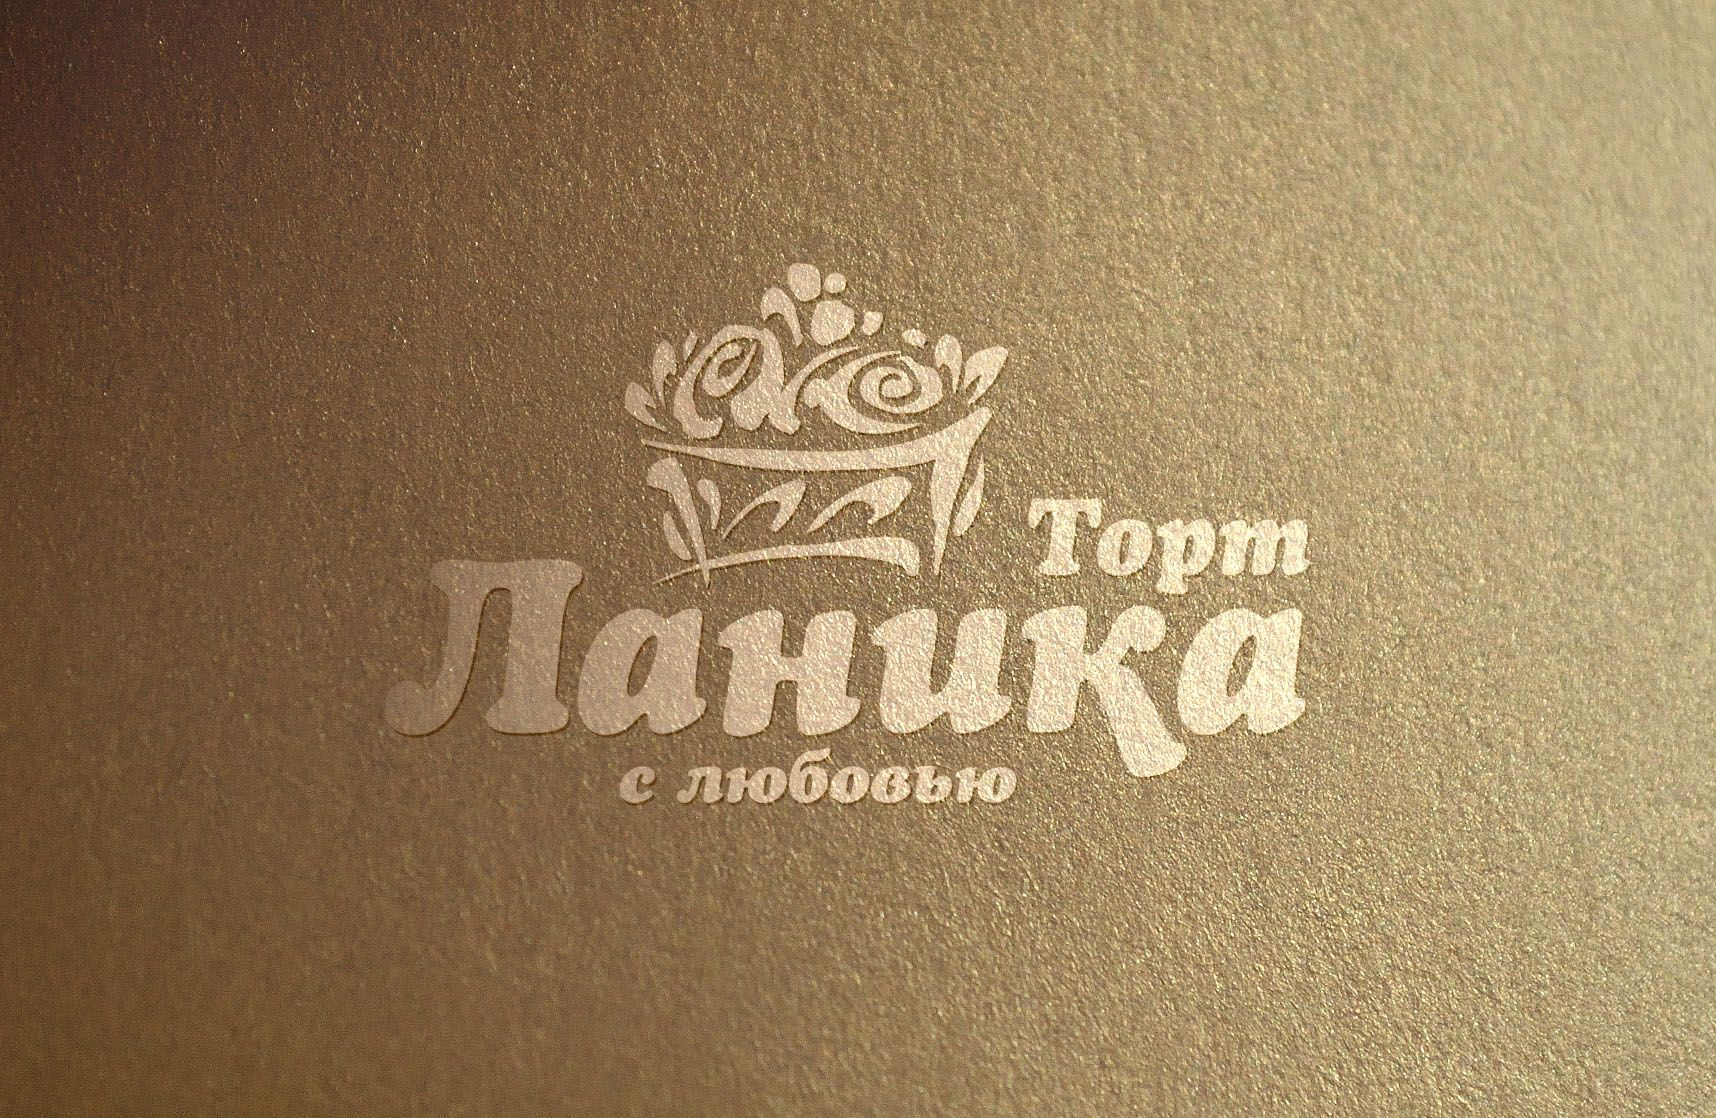 Лого ИМ тортов,пирожных и печенья ручной работы - дизайнер zhutol